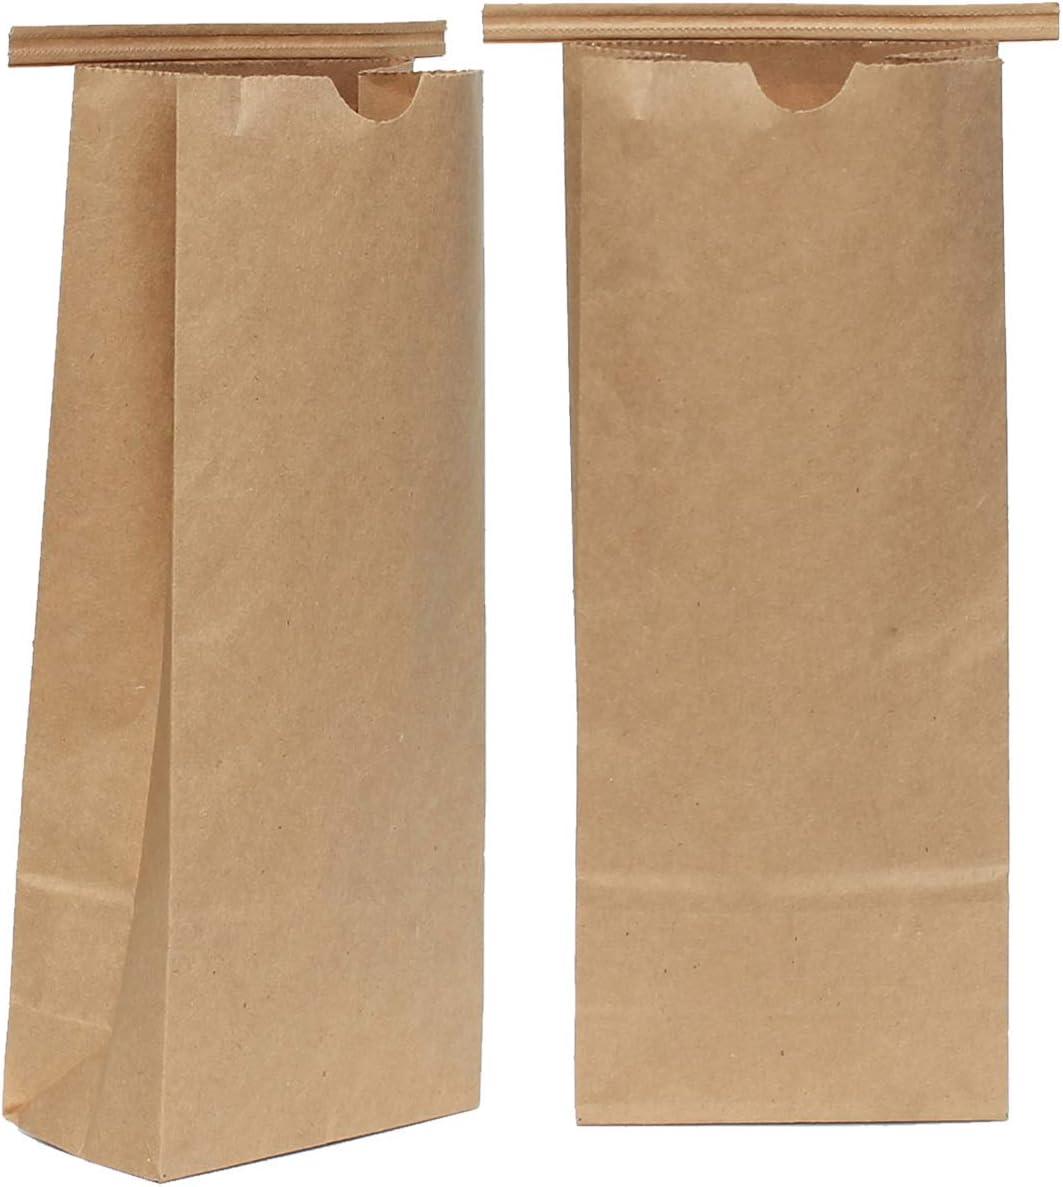 AwePackage Bolsa de Corbata de Papel Kraft compostable de 1 LB (16 ...